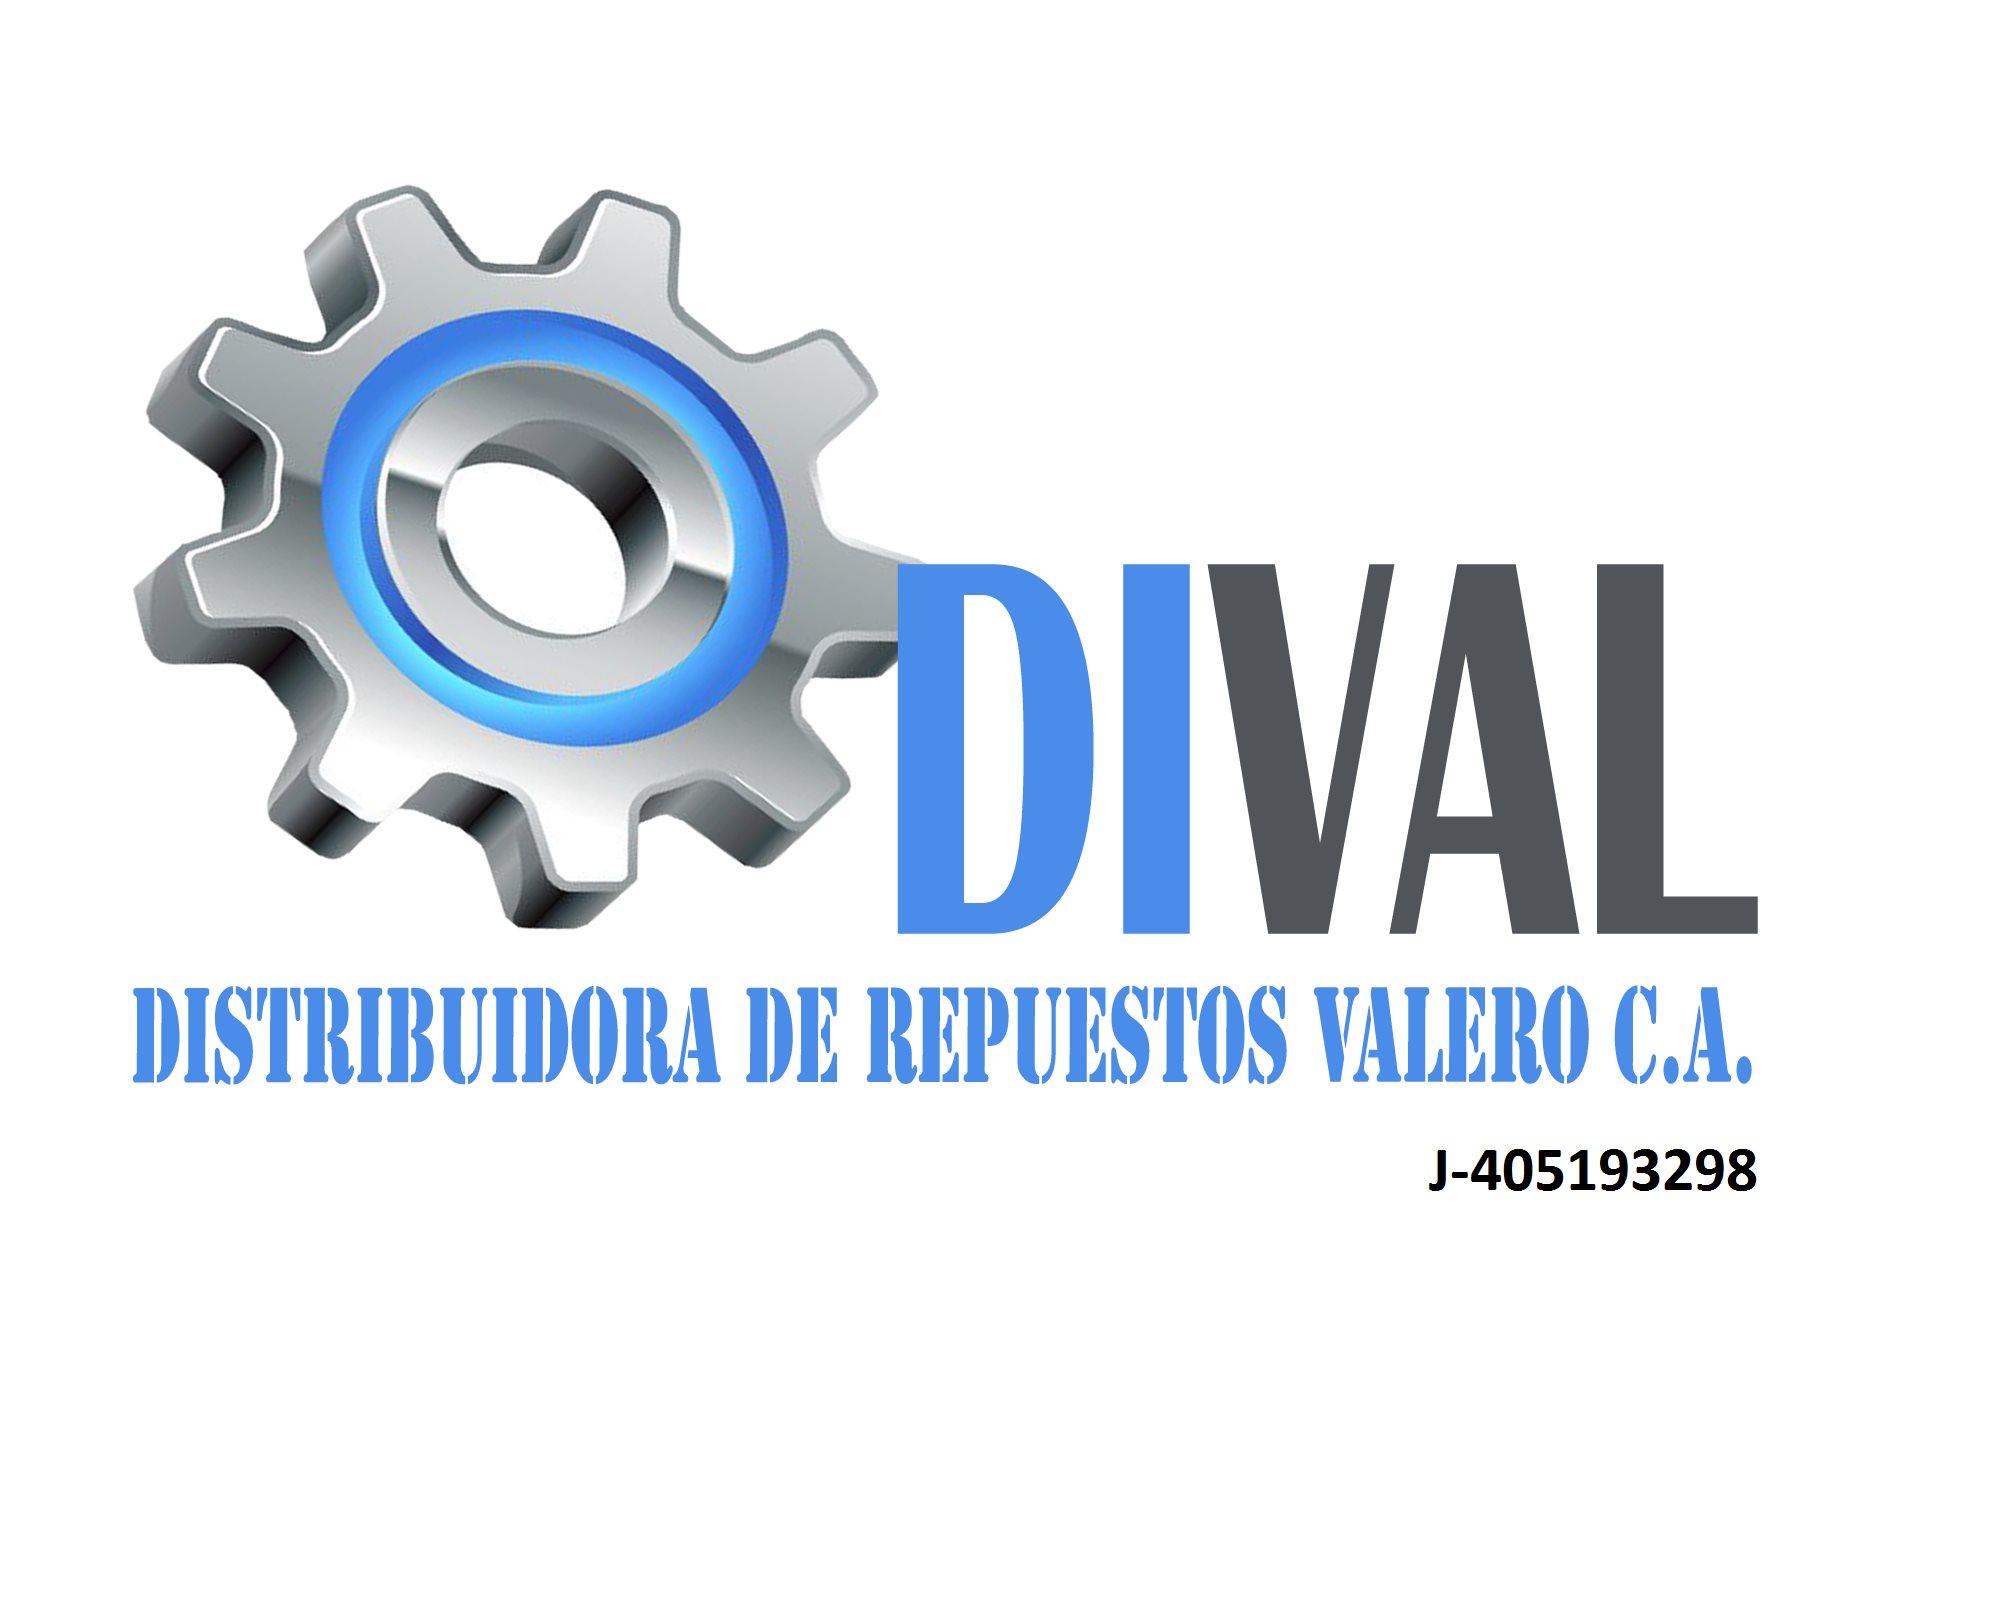 Distribuidora de Repuestos Valero C.A